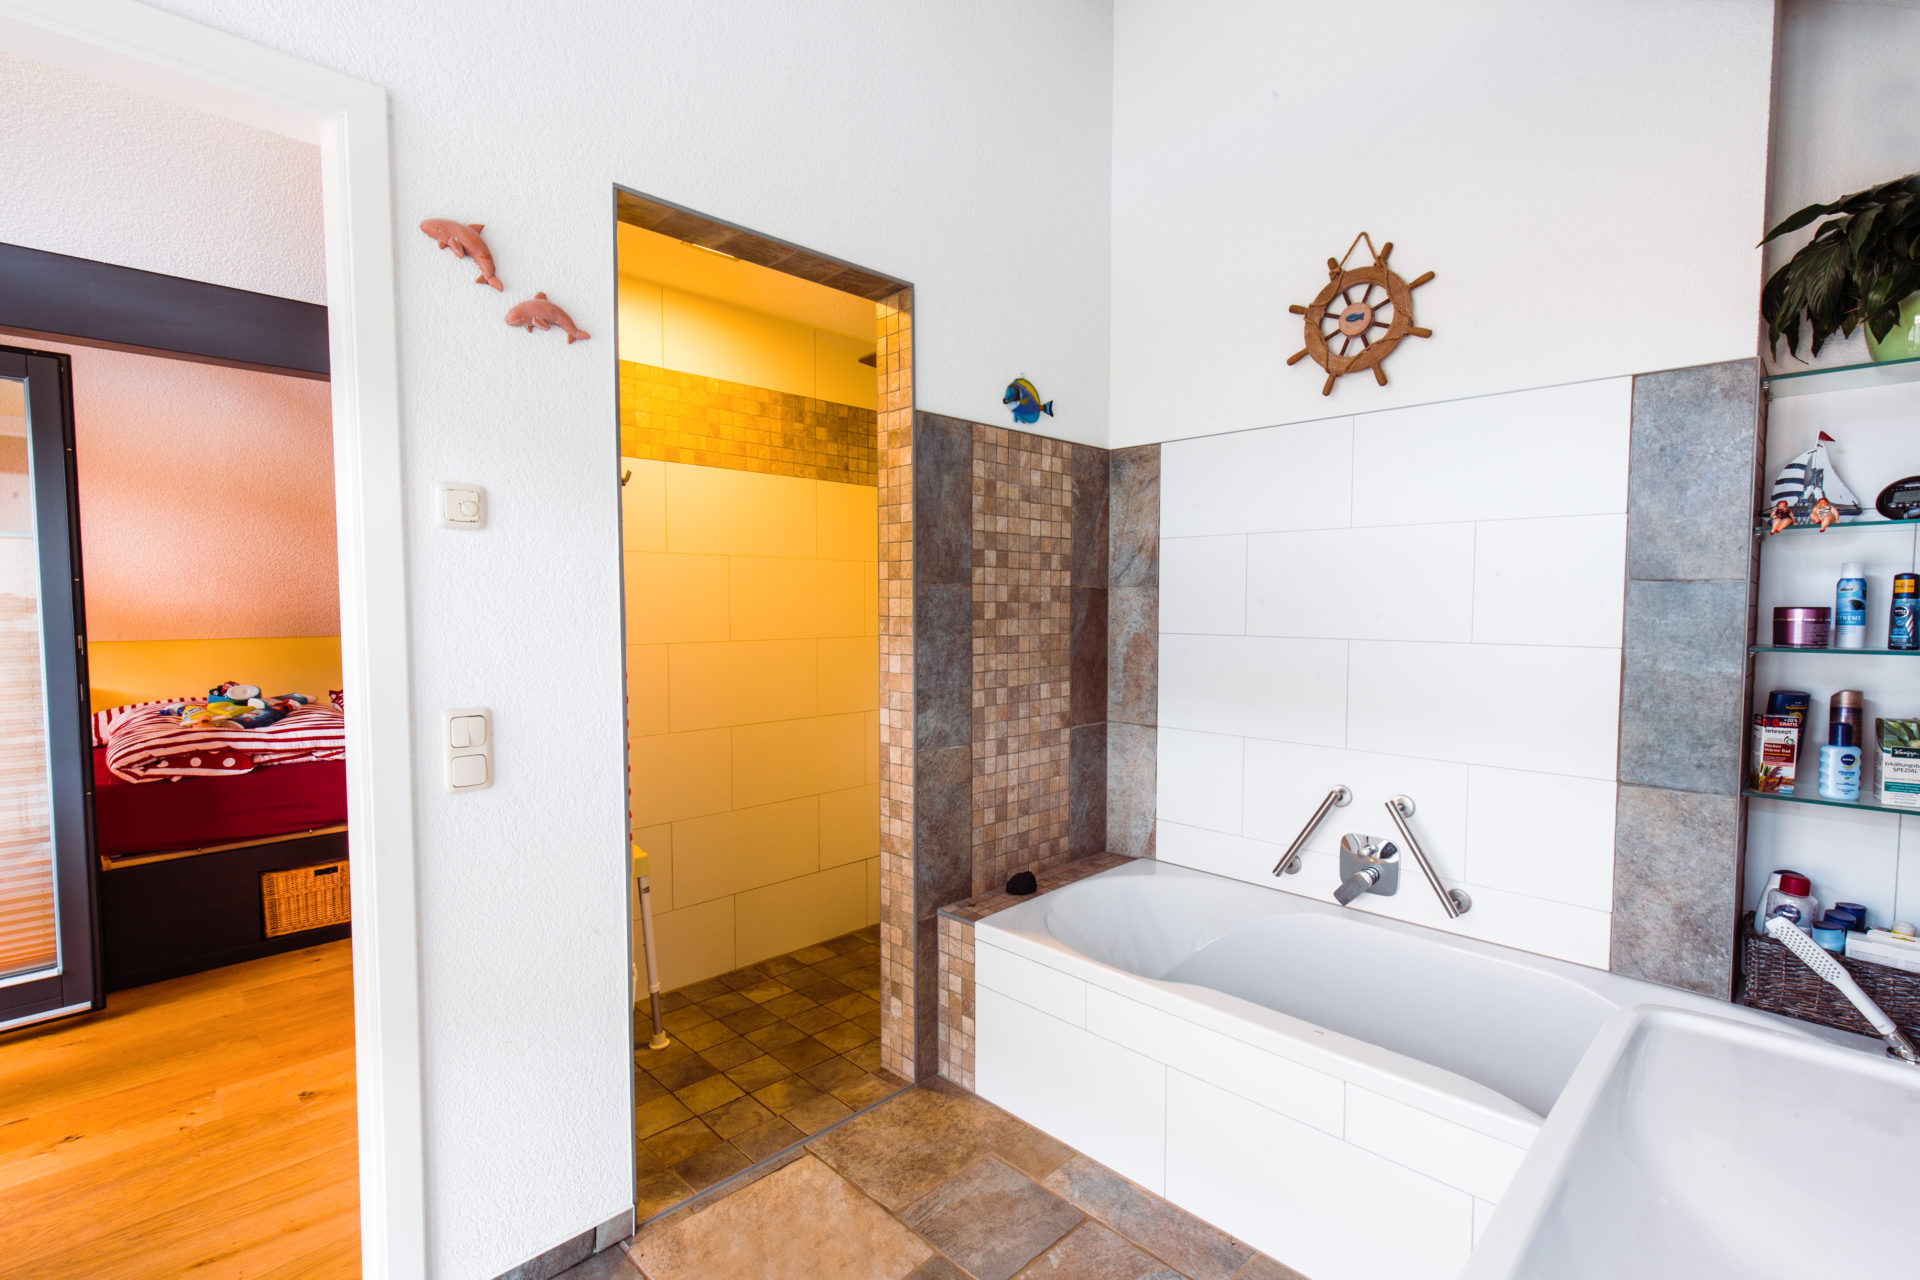 Holz Skeletthaus Innenausbau Badezimmer